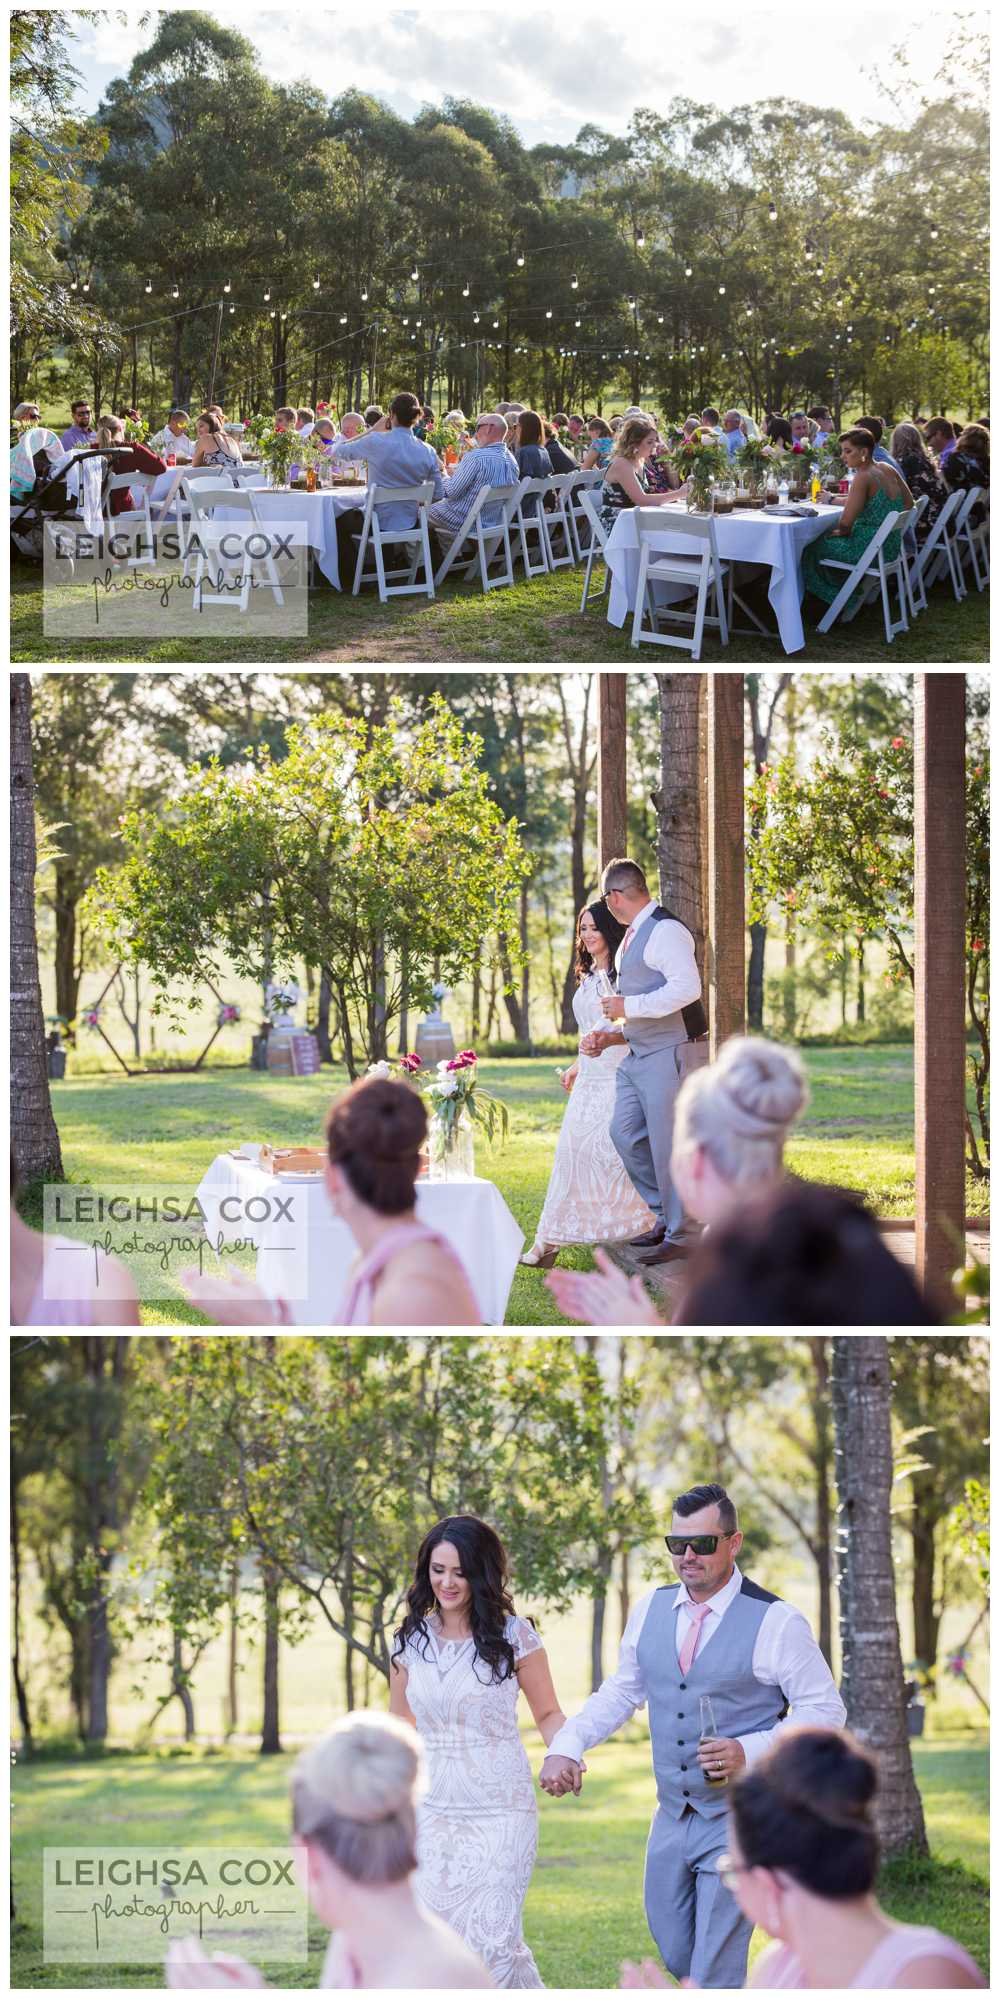 bistro lights wedding reception